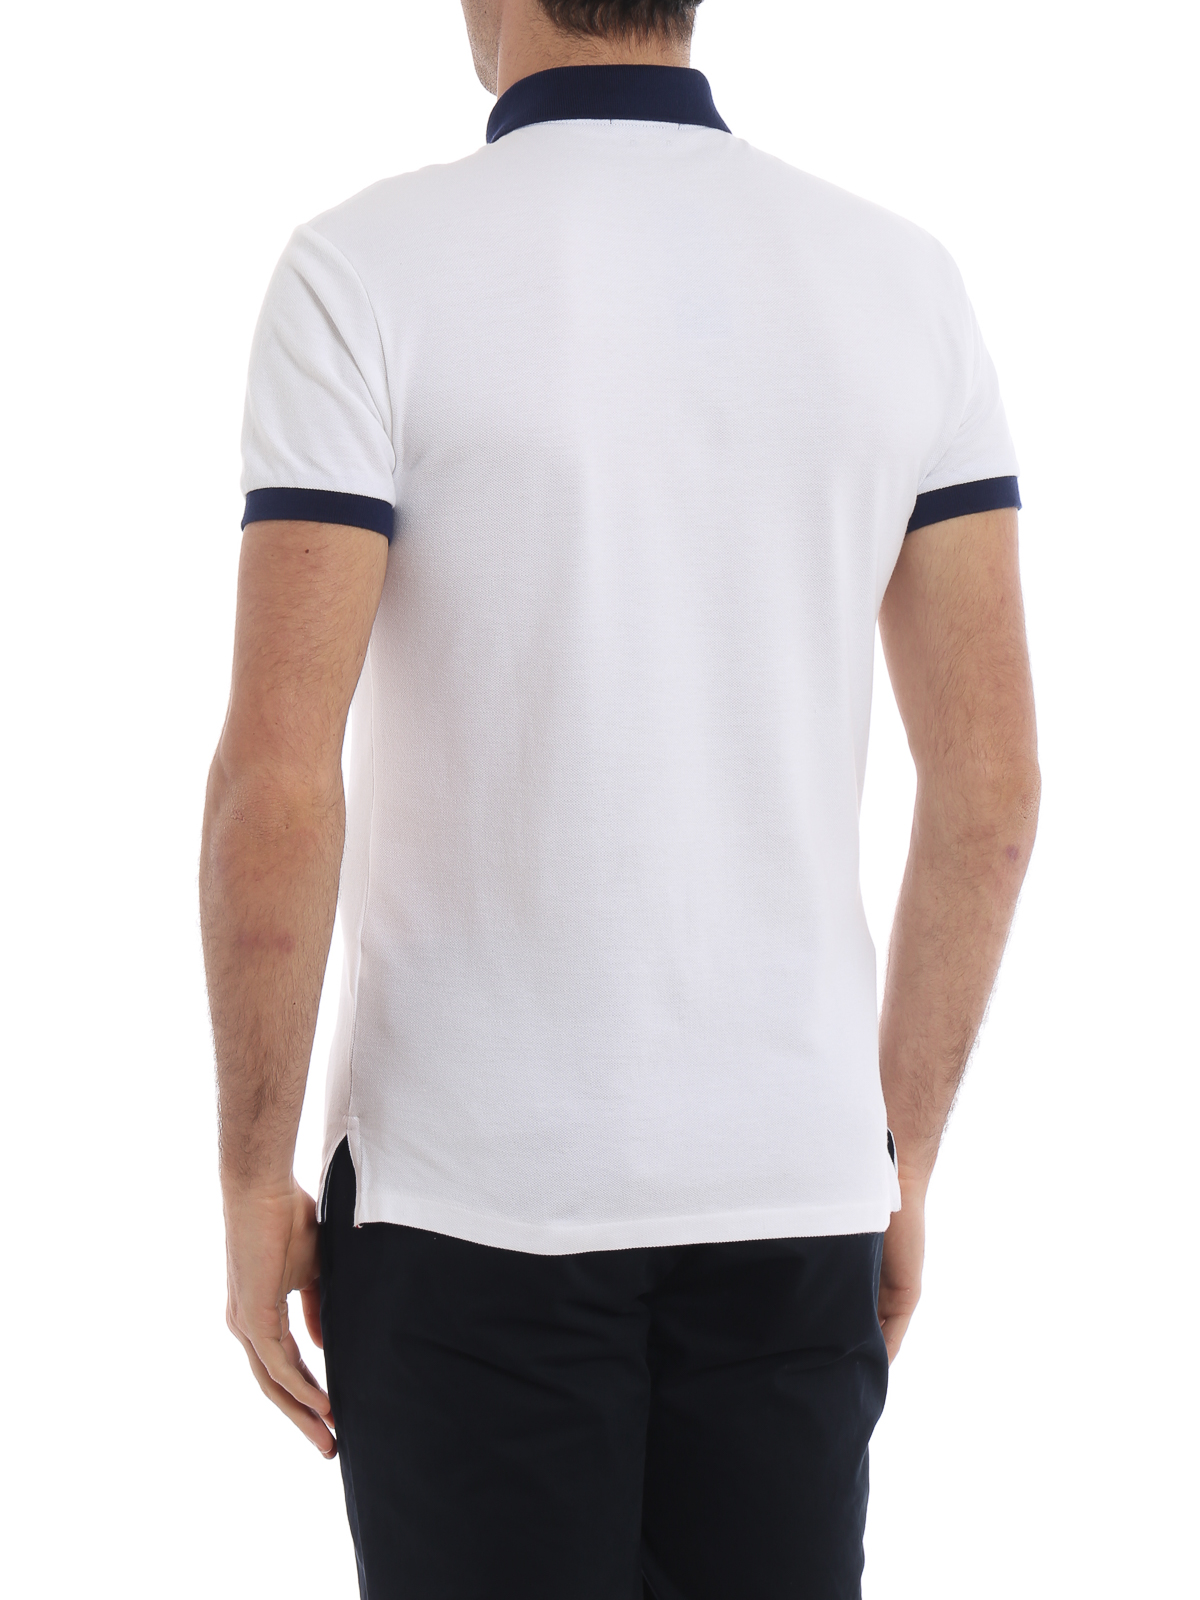 hot sale online edf95 544ec Polo Ralph Lauren - Pique cotton polo shirt with blue ...